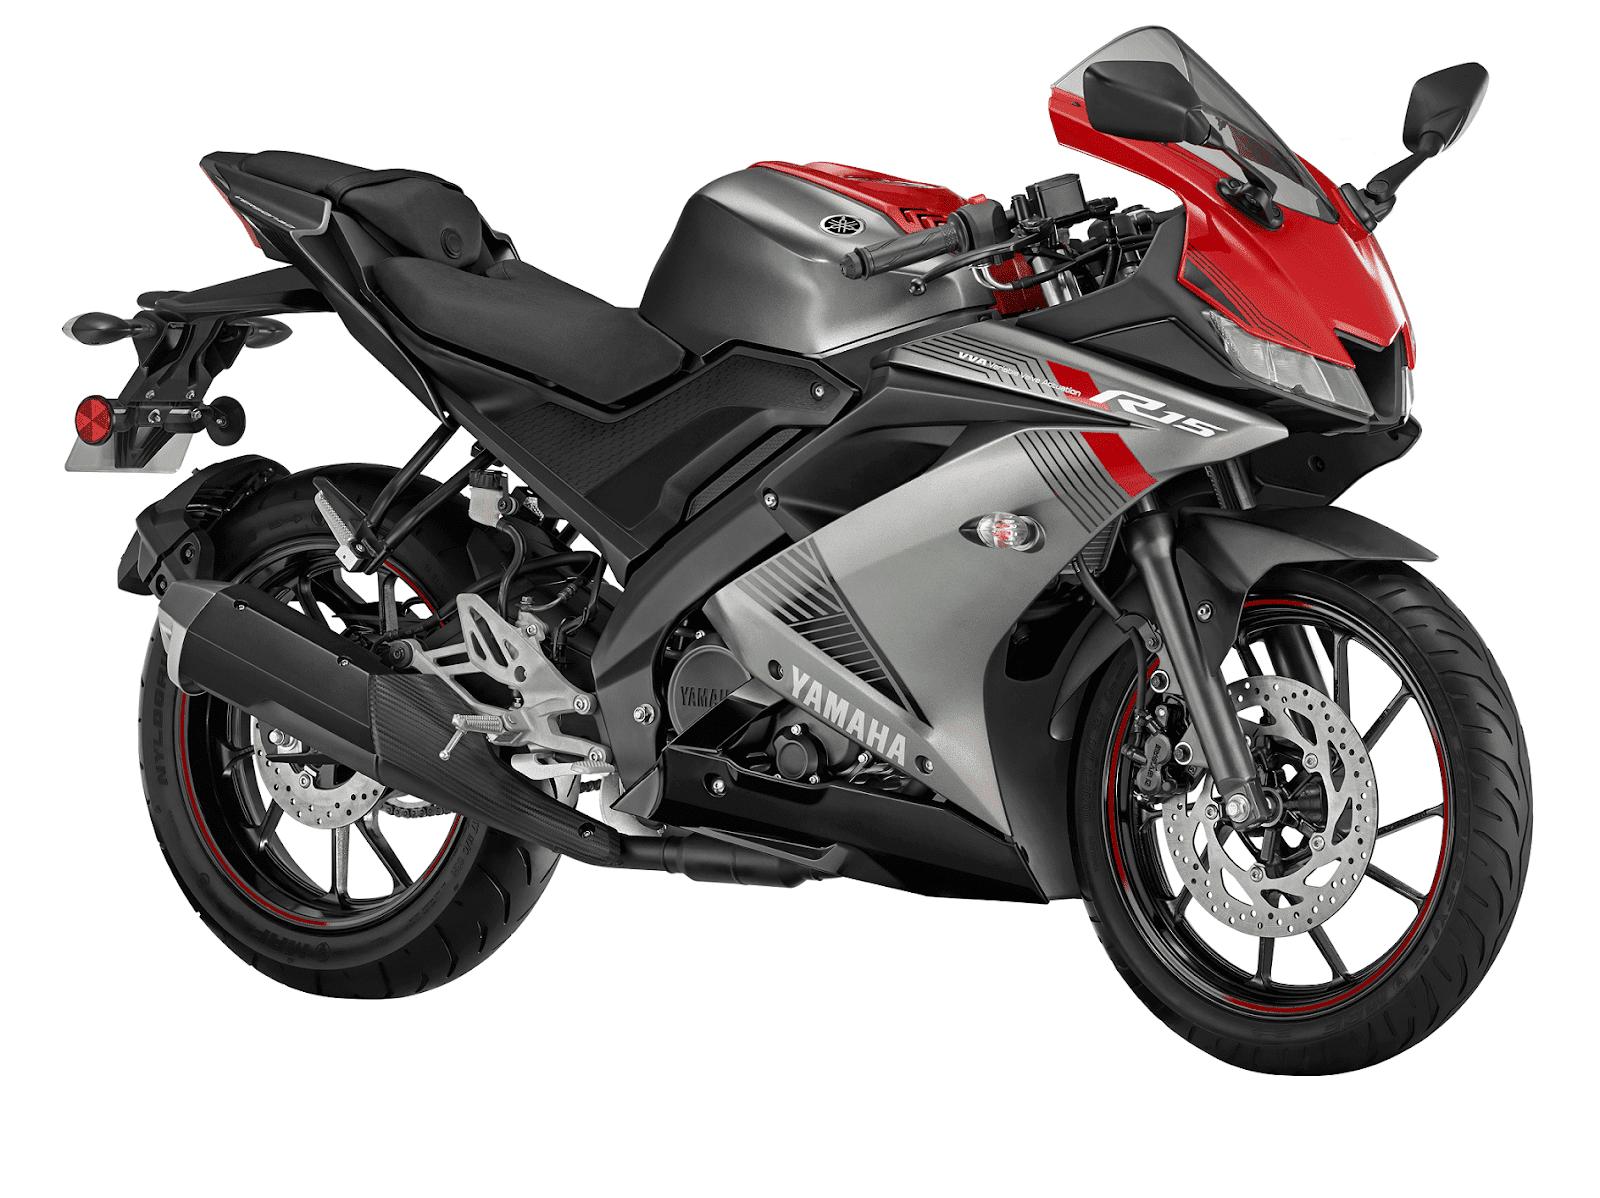 Gambar Yamaha R15 V3 kualitas HD - 34